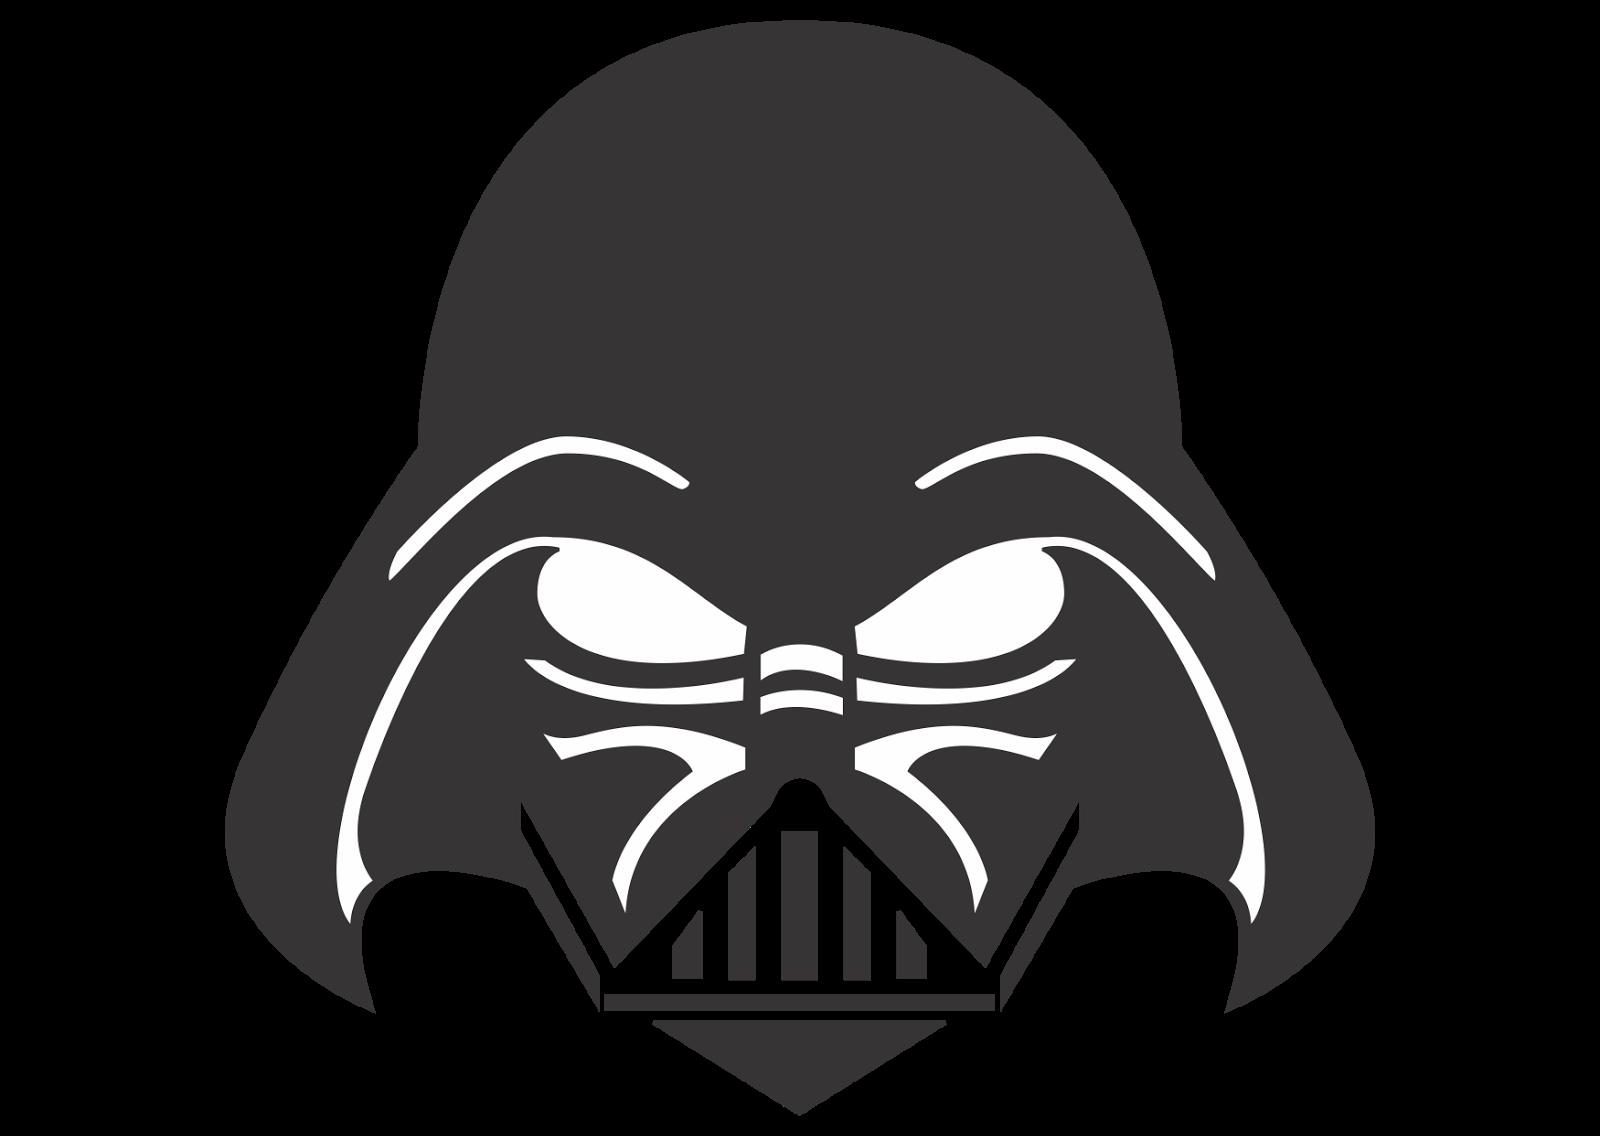 DartVaderAcademyvectorlogo.png (1600×1136) star wars